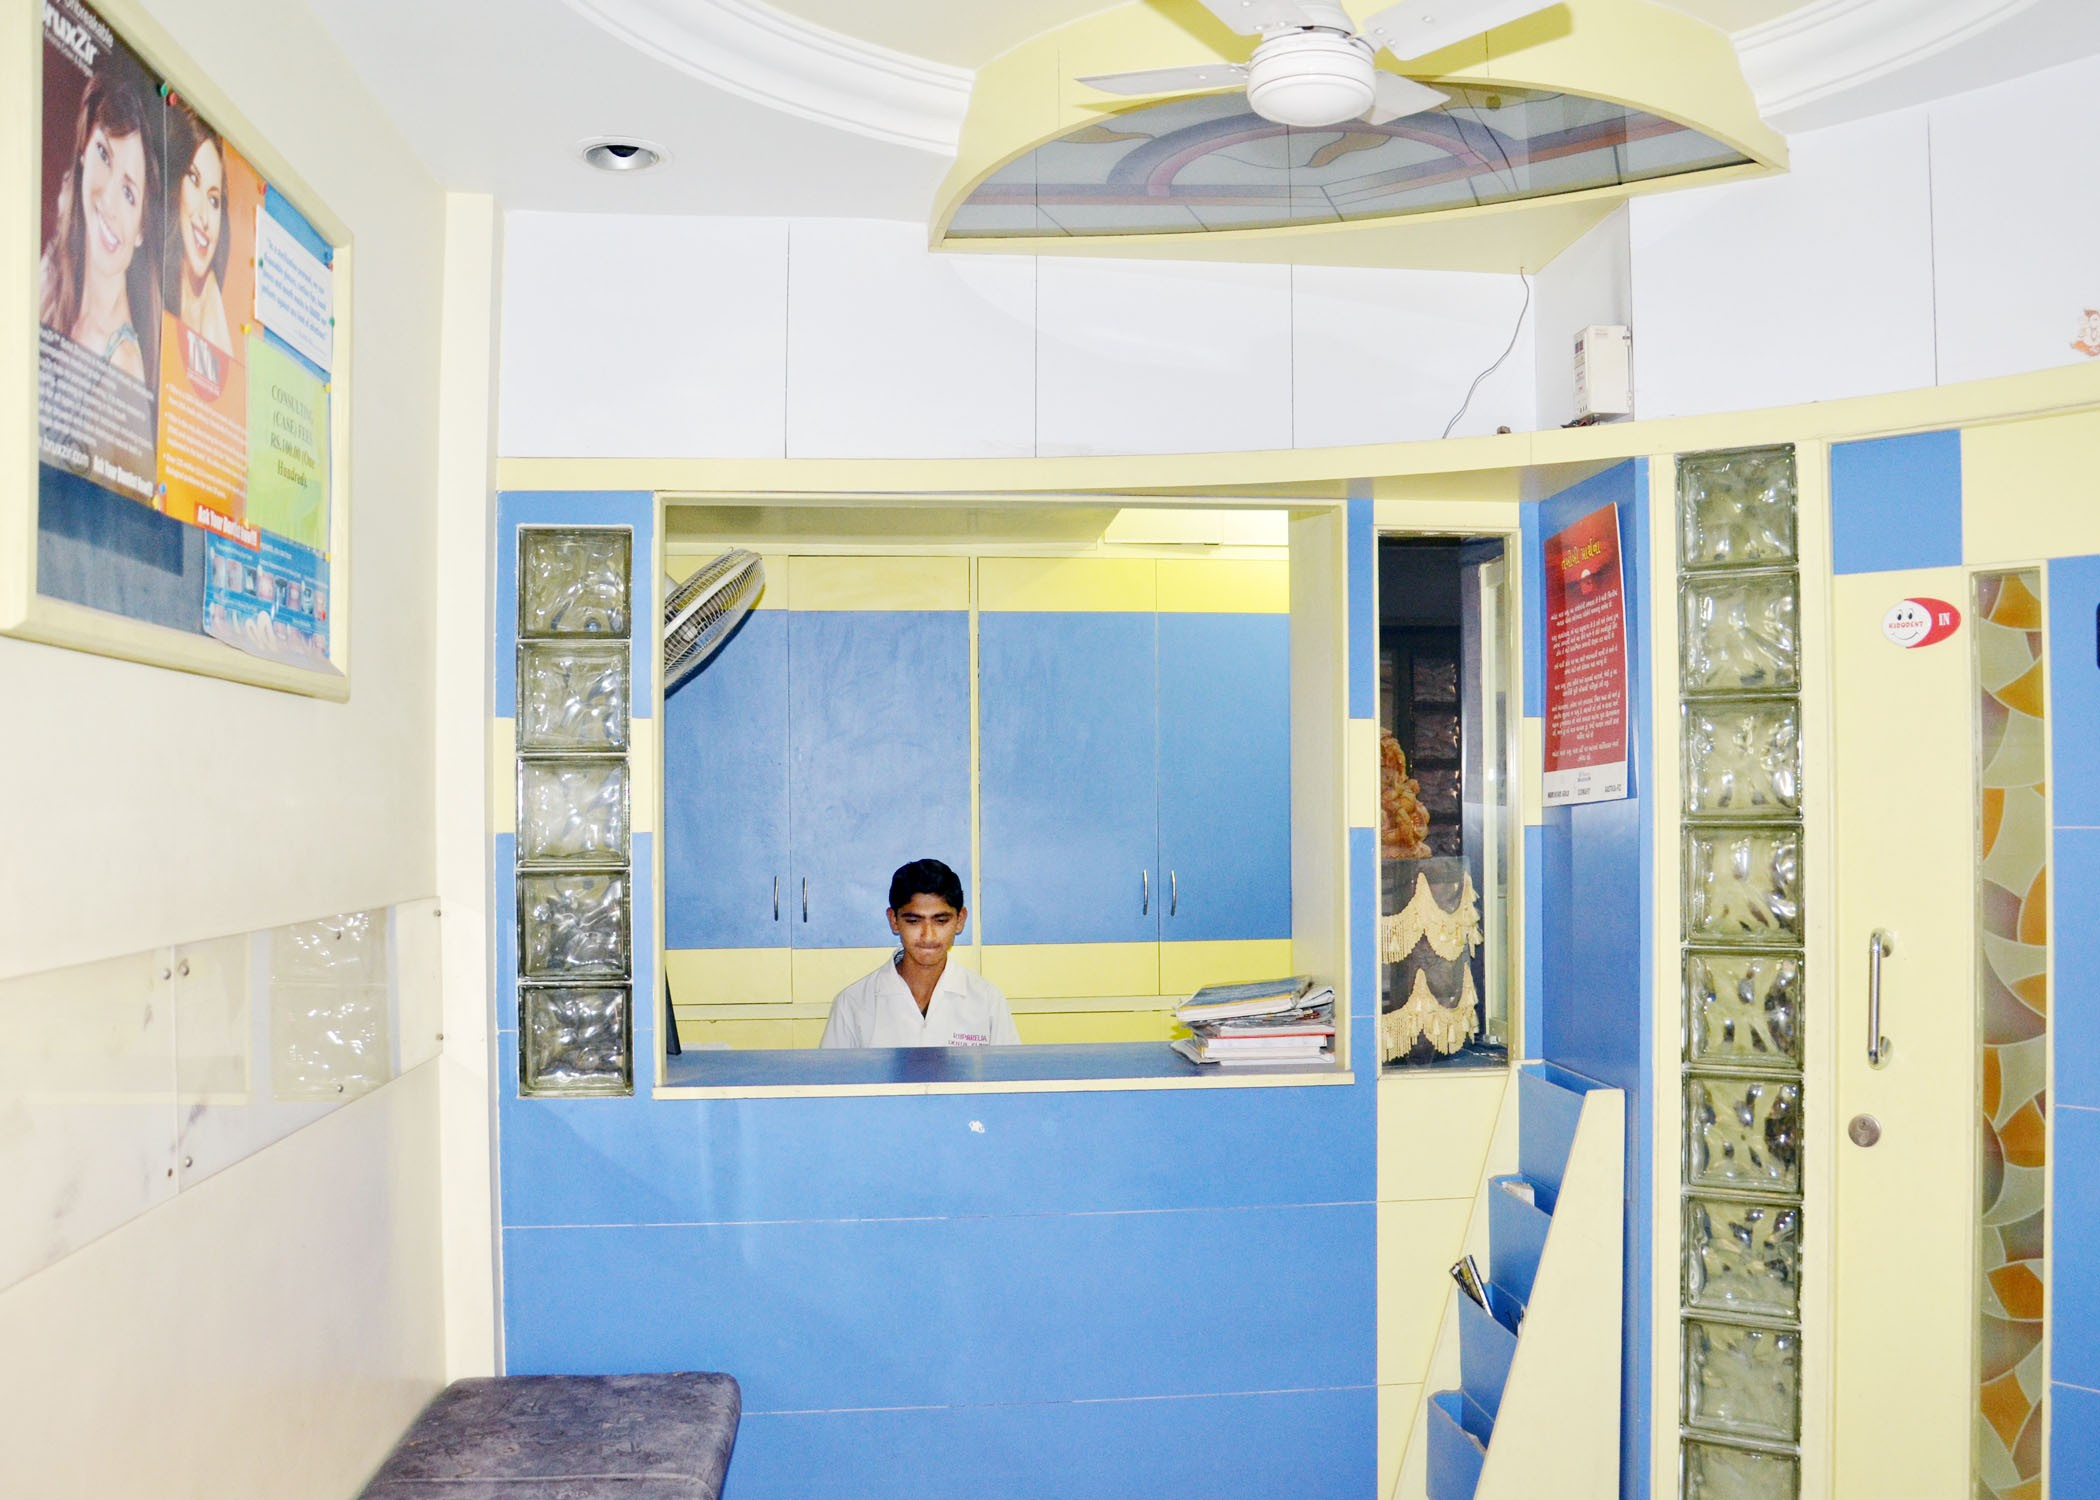 Ruparelia Dental Clinic & Implant Centre